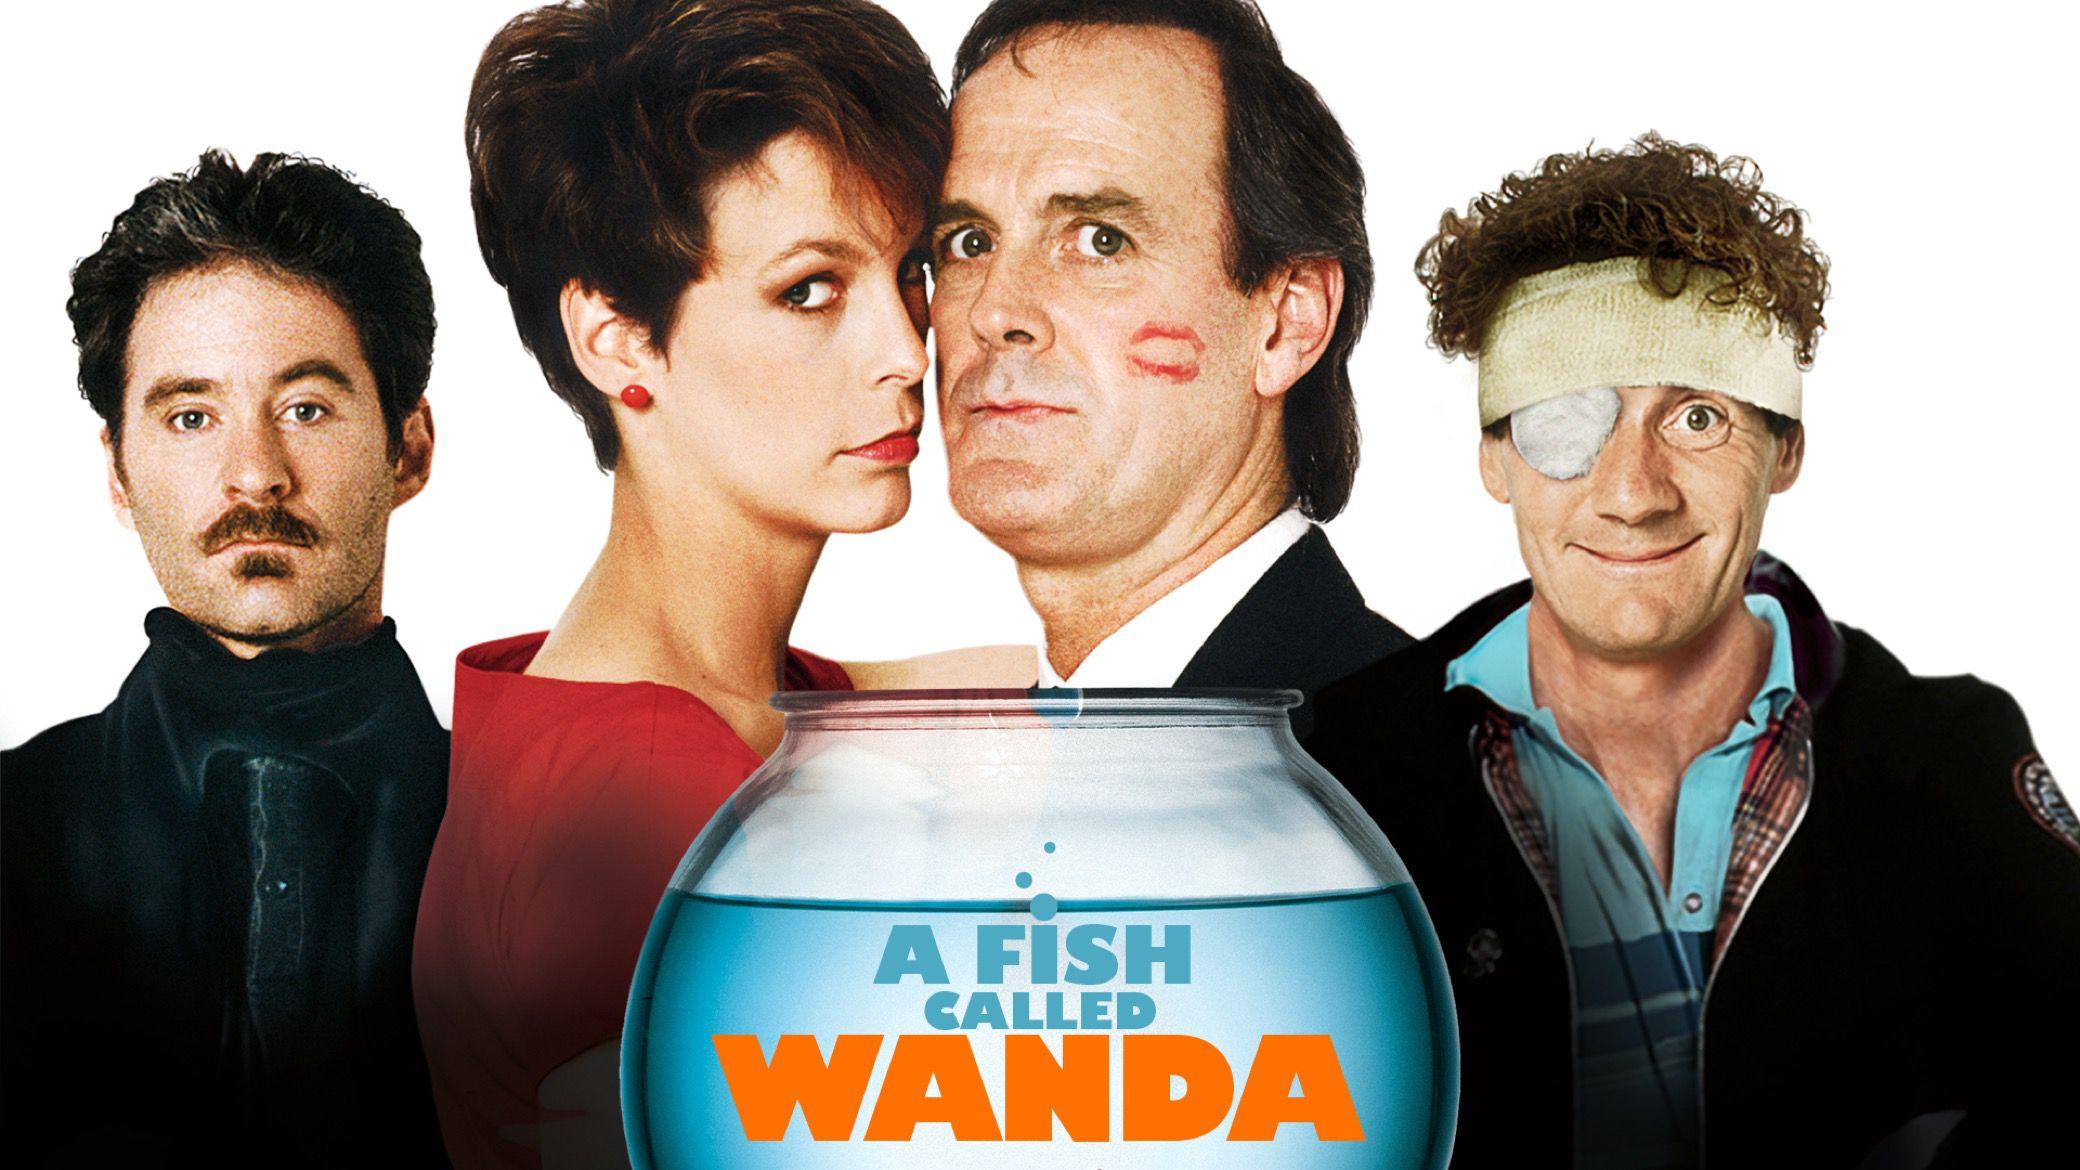 a-fish-called-wanda image